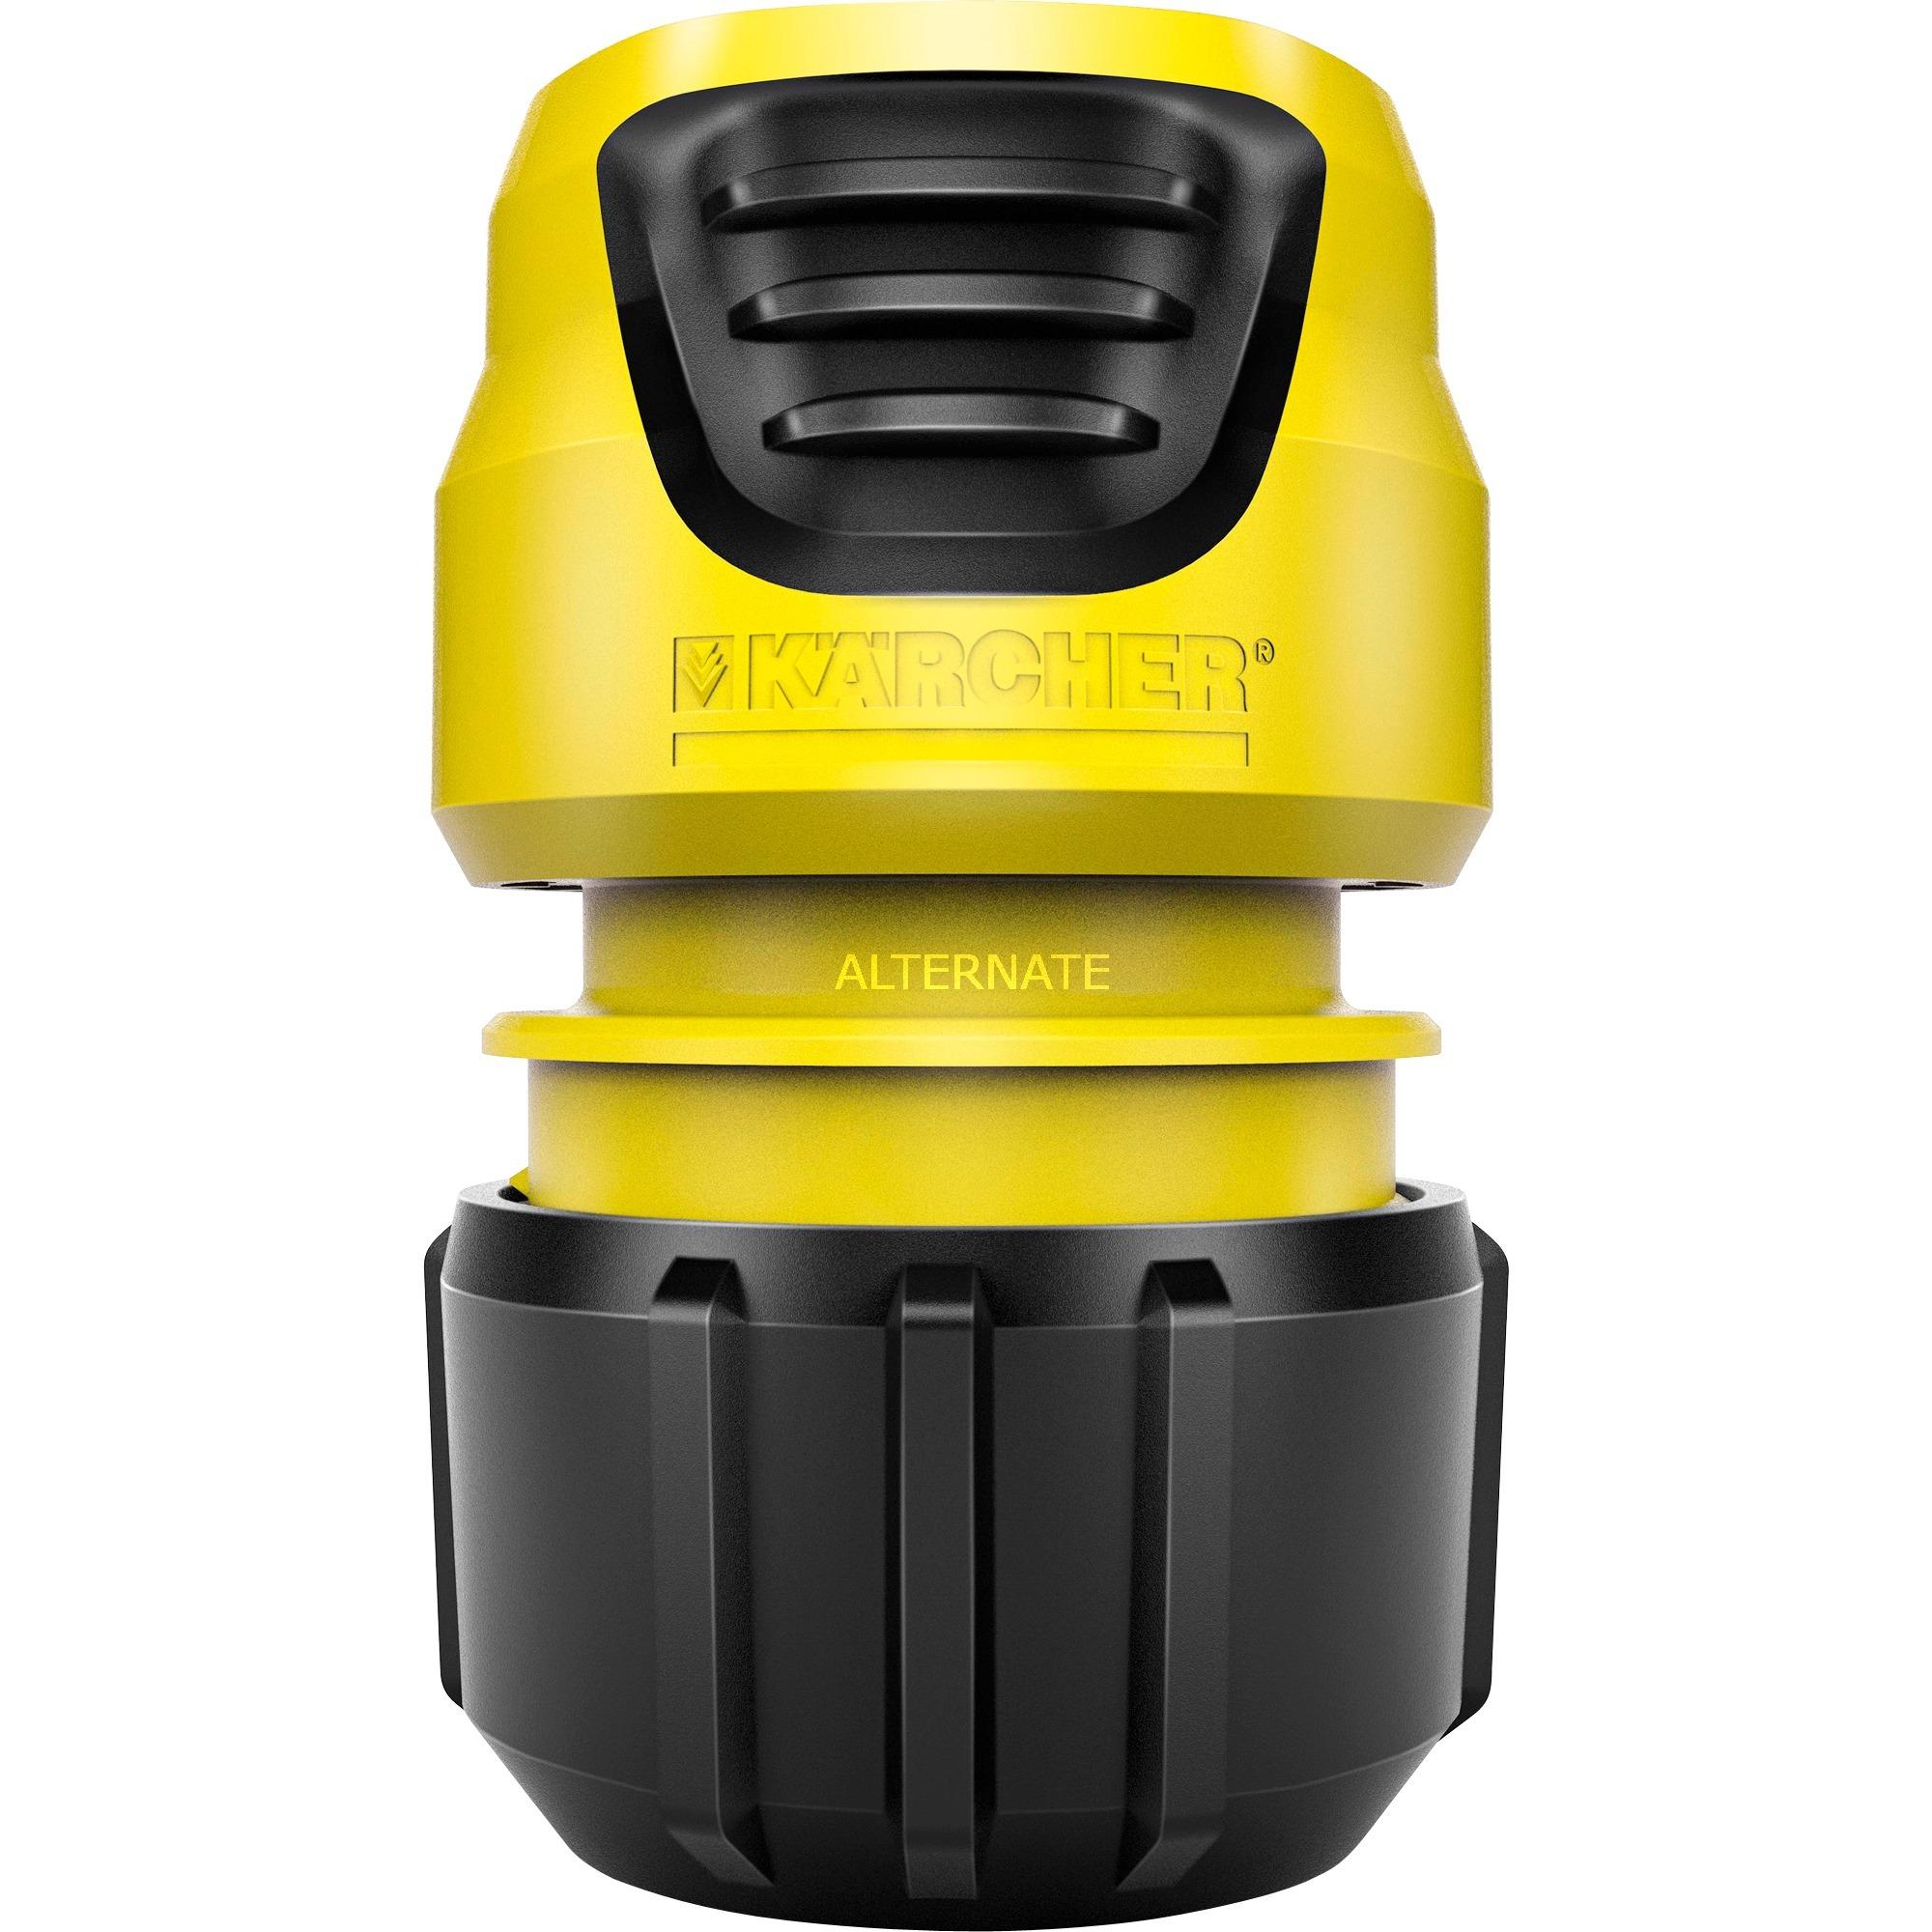 2.645-203.0 De plástico Negro, Amarillo 1pieza(s) accesorio para manguera, Pieza de manguera